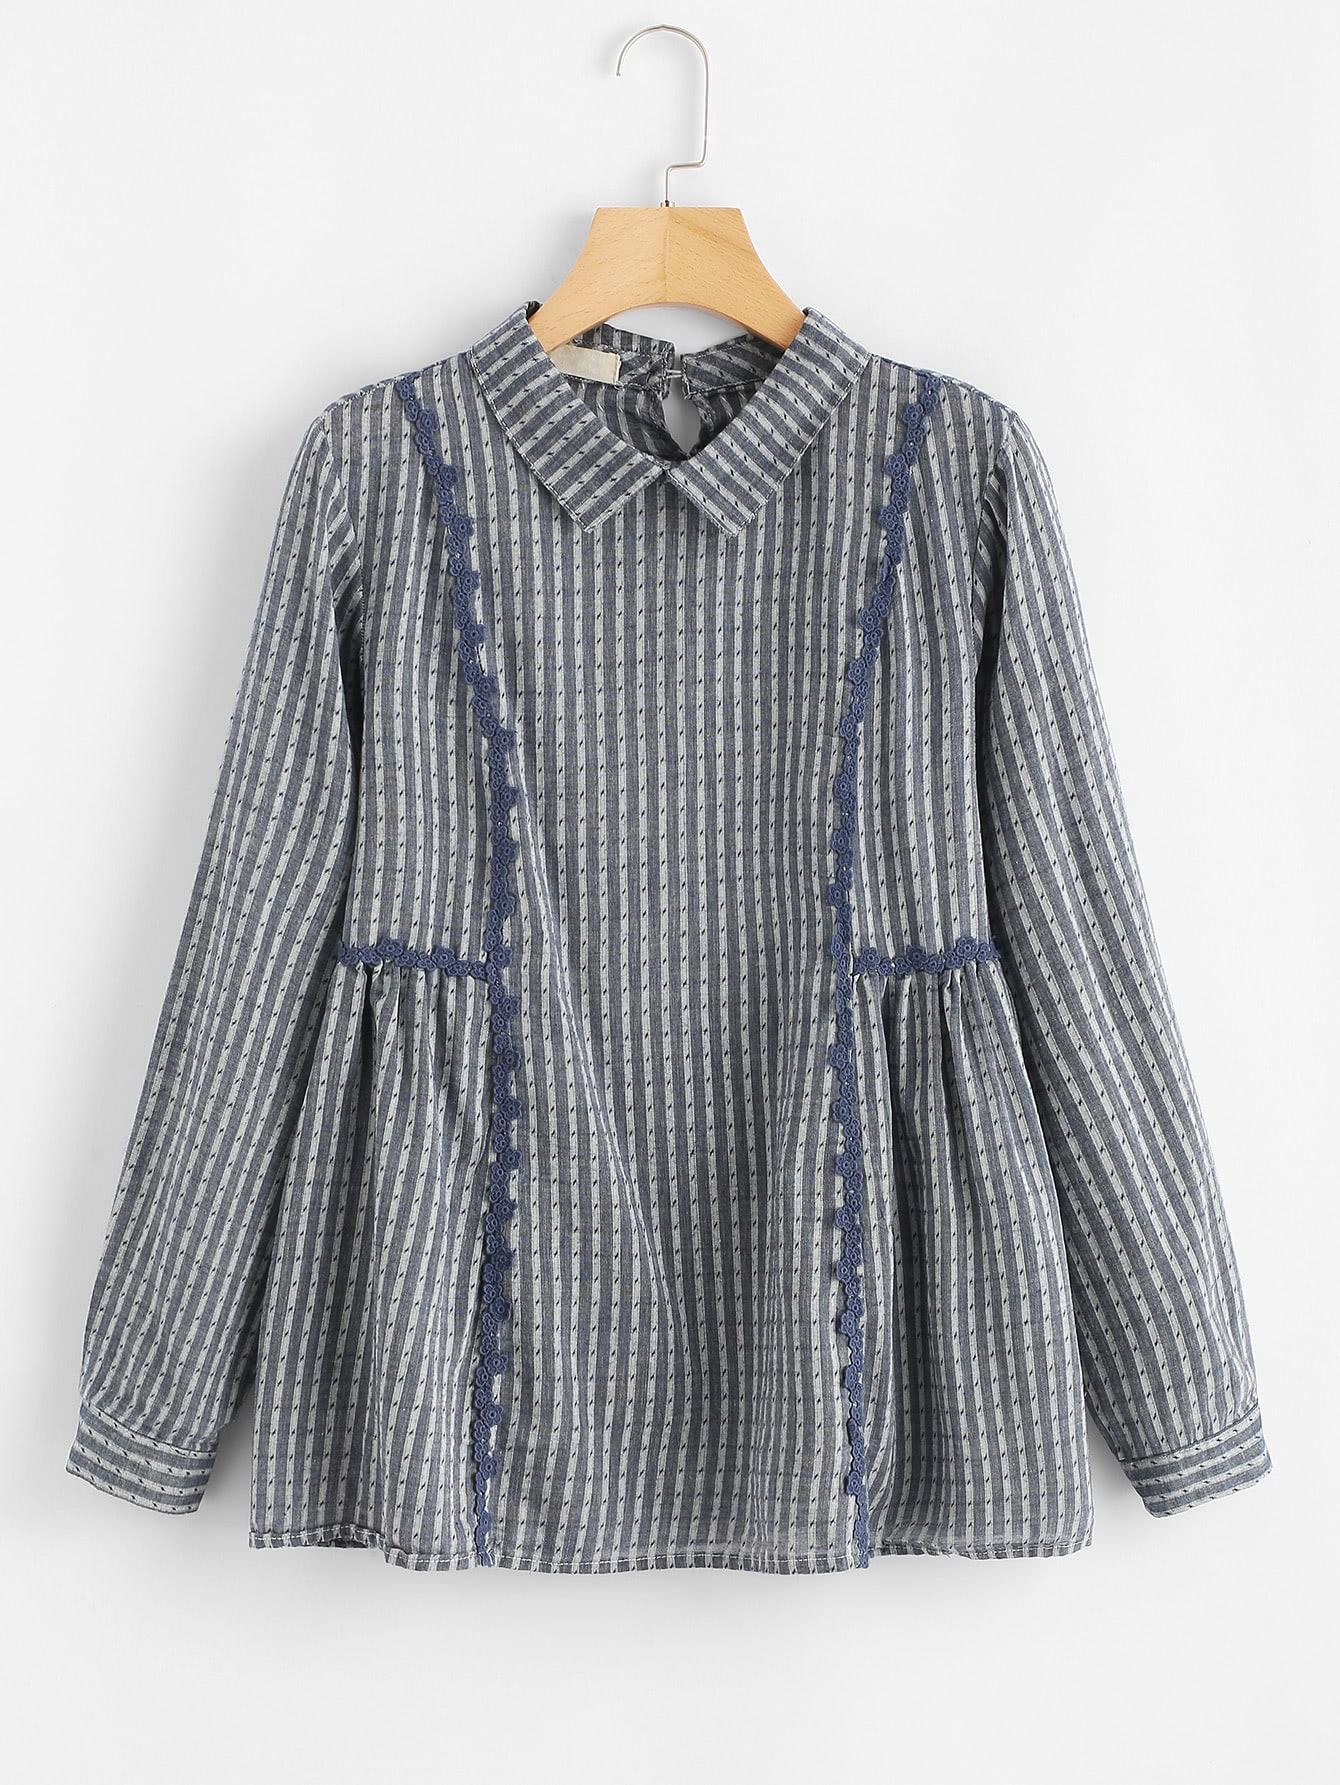 Striped Babydoll Blouse blouse180208203